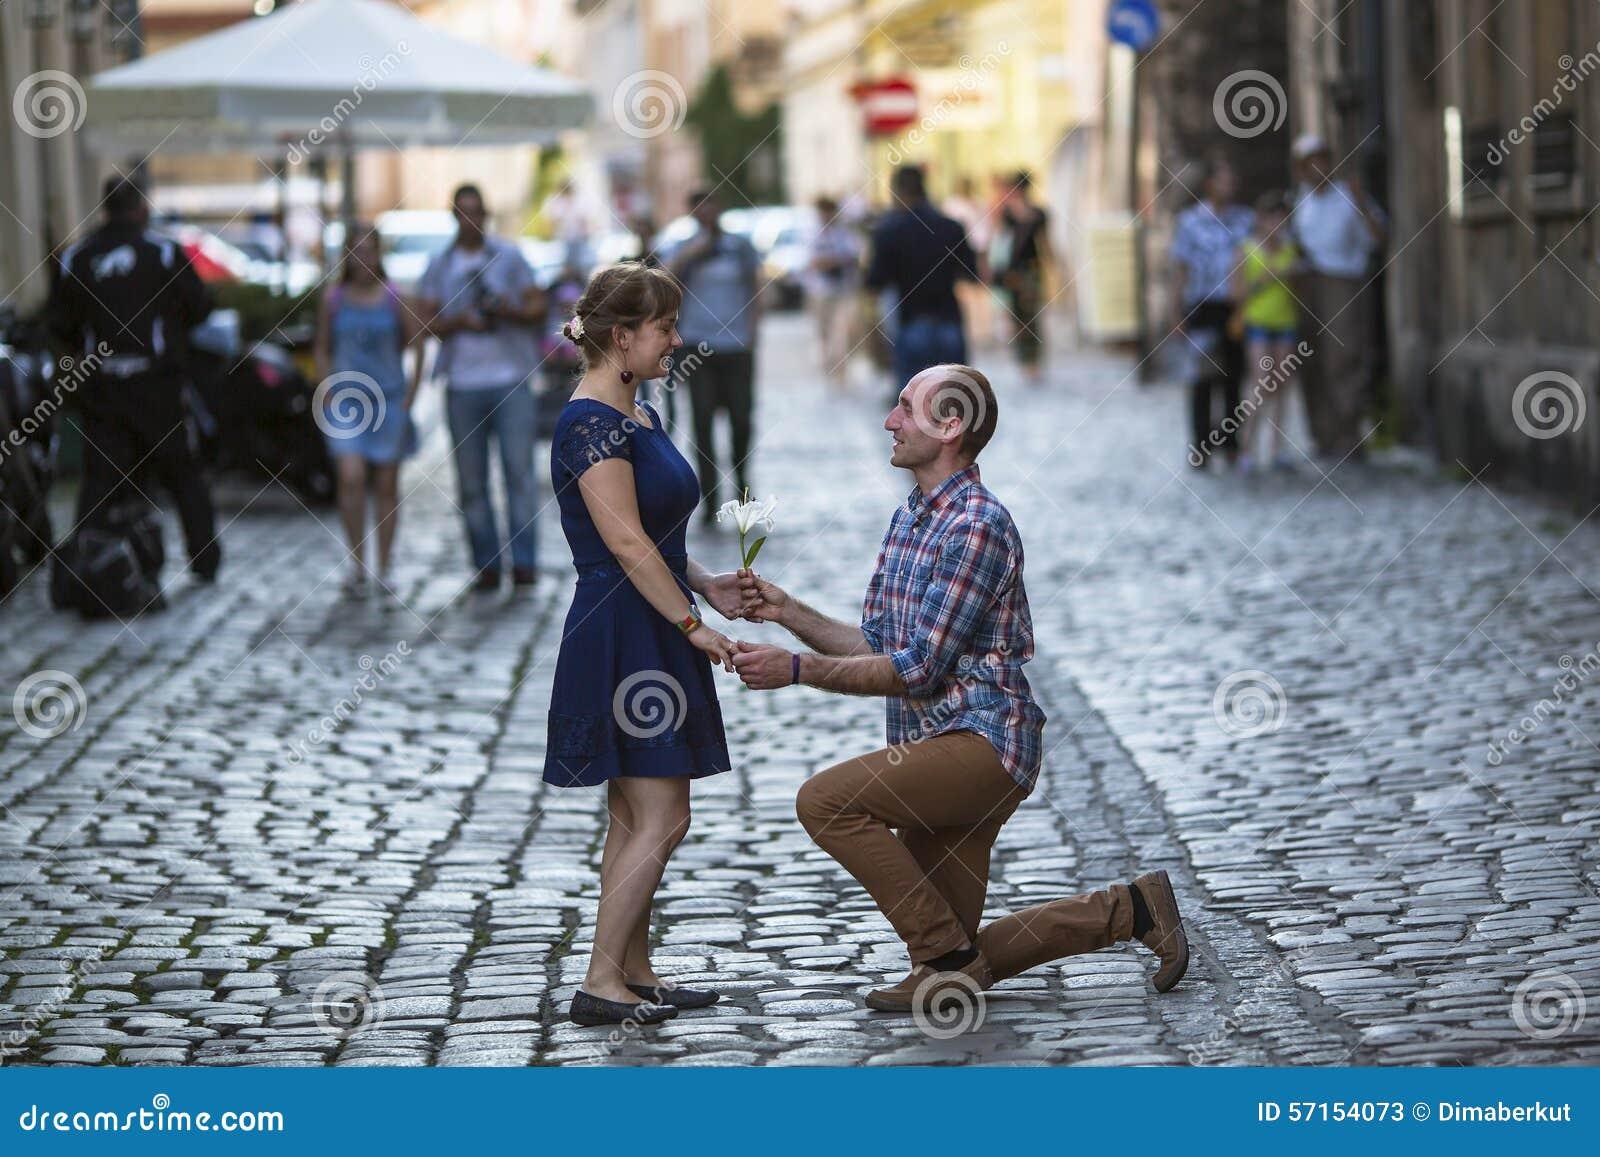 couples dans l 39 amour sur la rue l 39 homme sur ses genoux donne une femme une fleur fait une. Black Bedroom Furniture Sets. Home Design Ideas